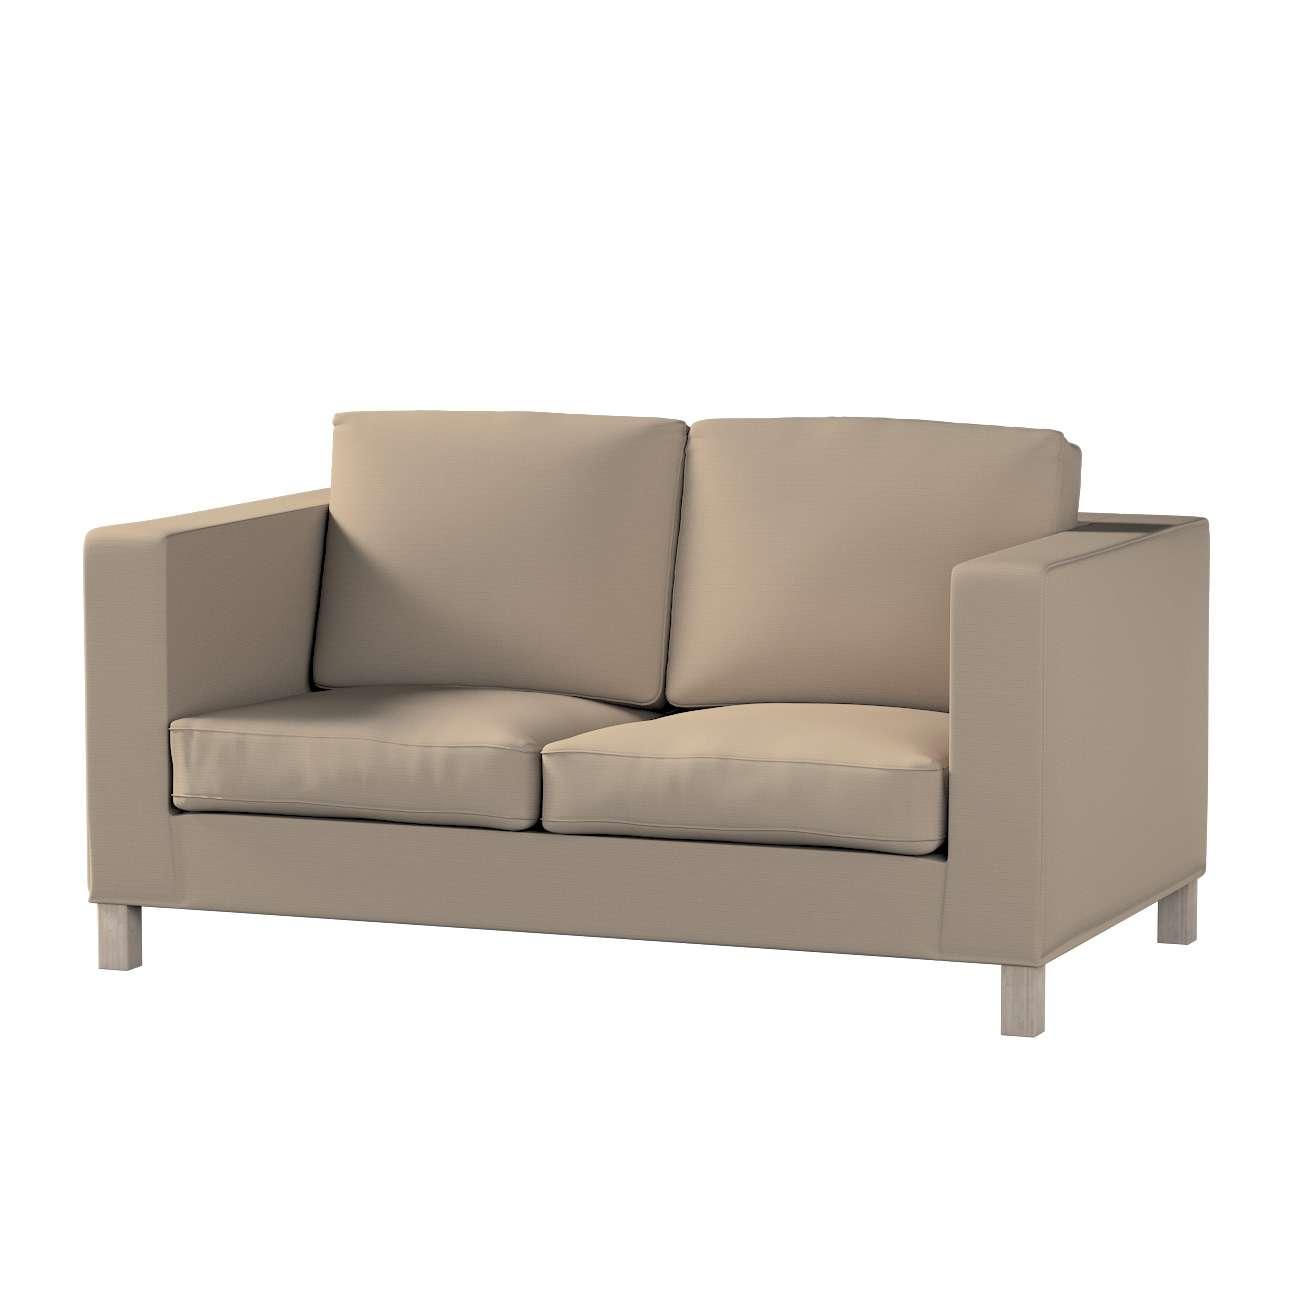 Pokrowiec na sofę Karlanda 2-osobową nierozkładaną, krótki Sofa Karlanda 2-os w kolekcji Cotton Panama, tkanina: 702-28